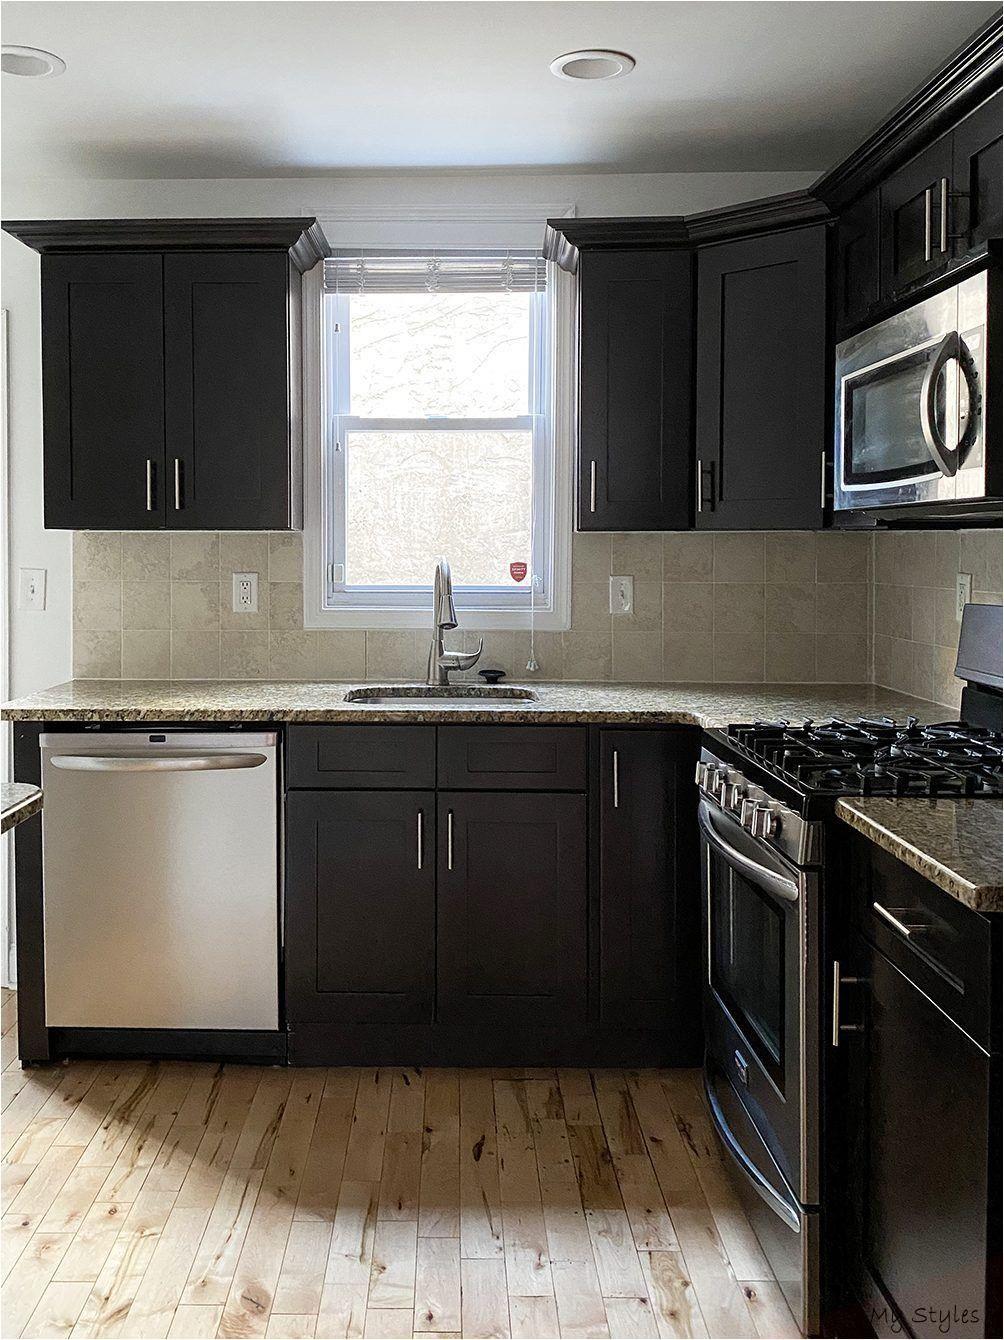 How Philadelphia Based Designers Fitz Water Interiors Updated A Dated Dark Kitchen While Keeping In 2020 Painting Kitchen Cabinets Dark Kitchen Cabinets Dark Kitchen